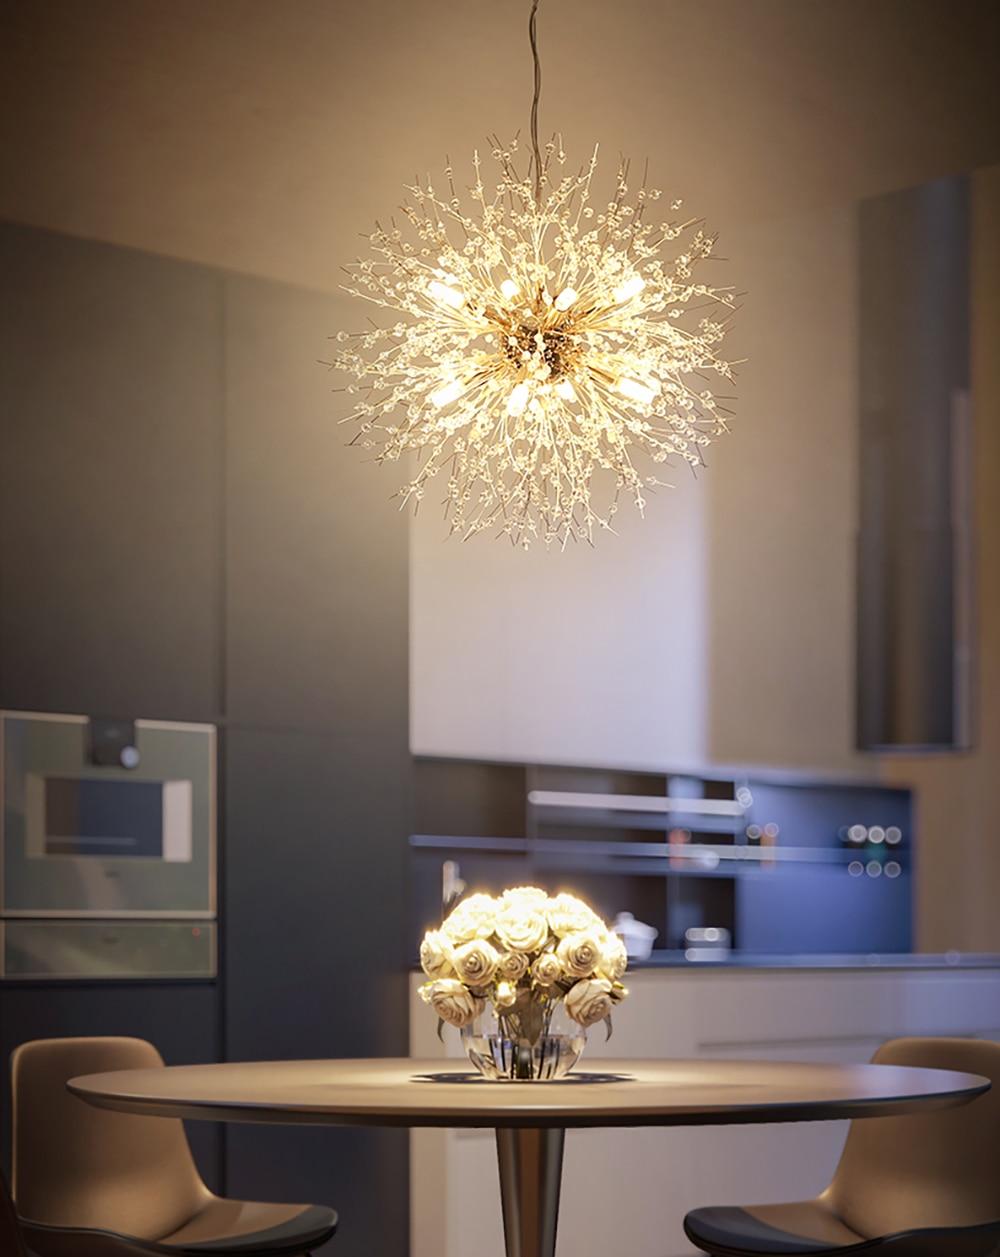 Dandelion Chandelier Lighting 8